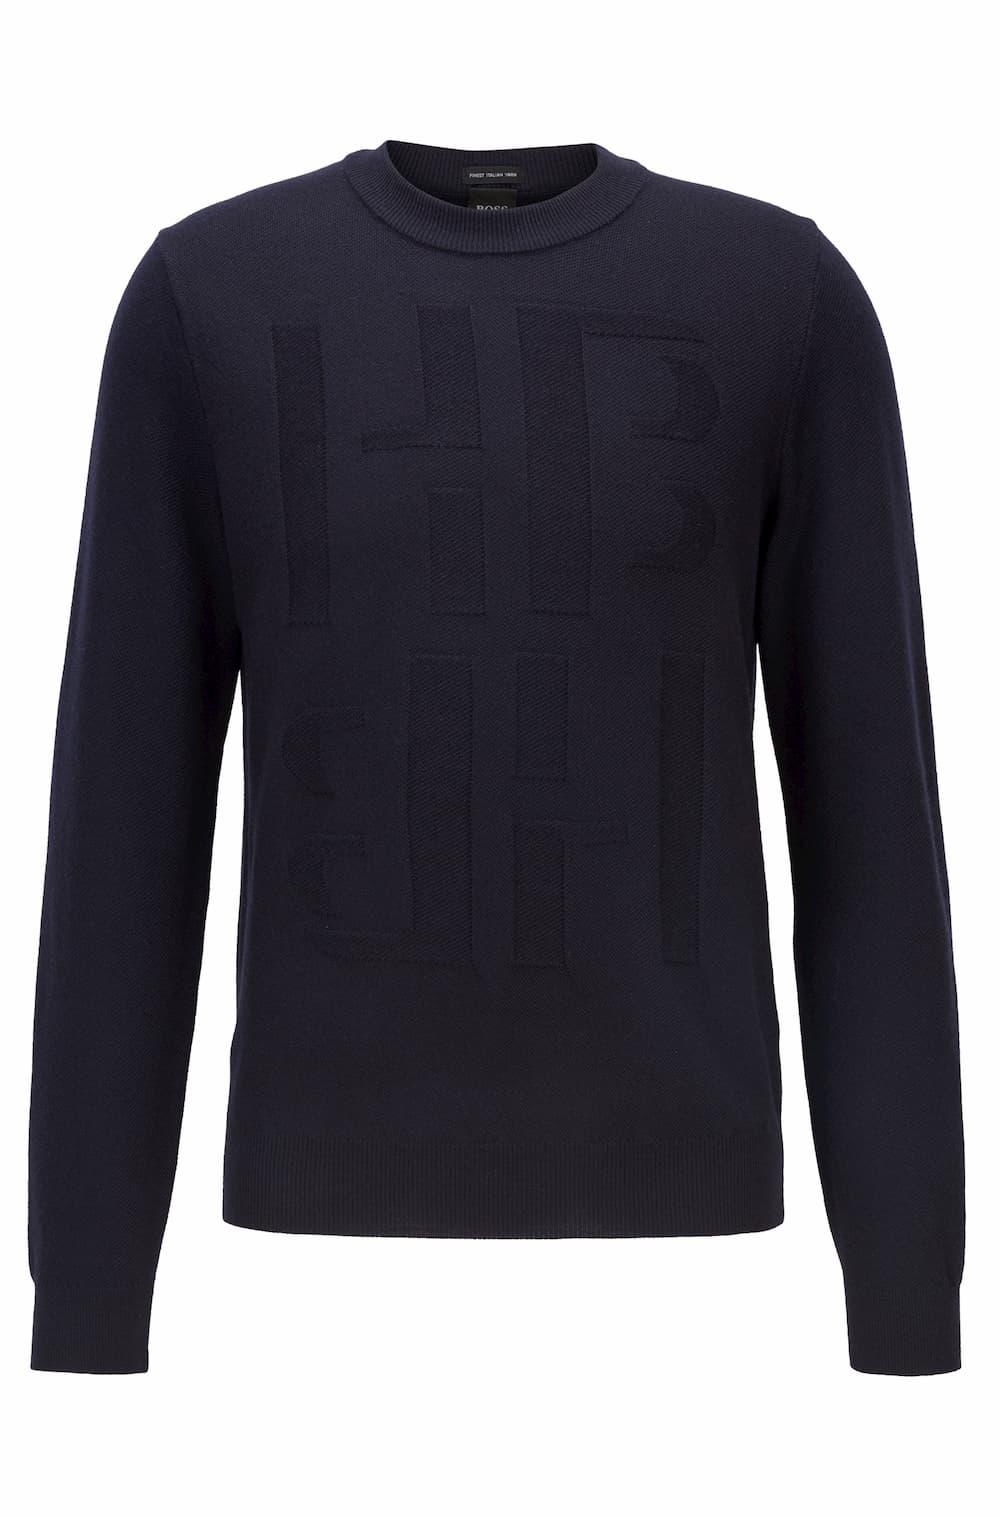 メンズセーター 32,000円(税抜)/BOSS(ボス)